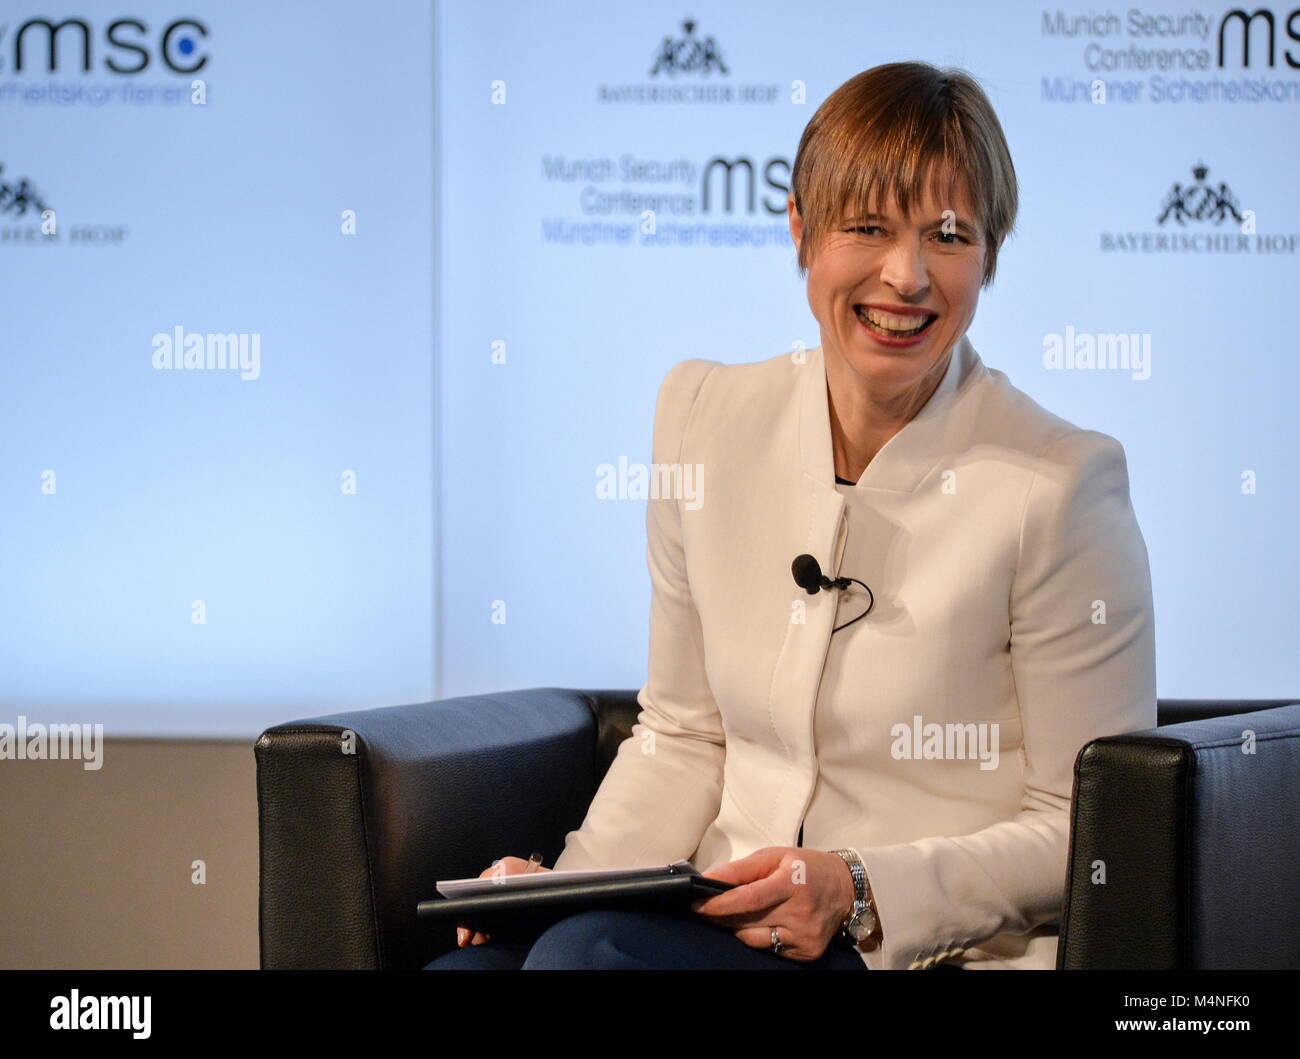 Munich, Germany. 15th Feb, 2018. MUNICH, GERMANY - FEBRUARY 15, 2018: Estonia's President Kersti Kaljulaid attends Stock Photo